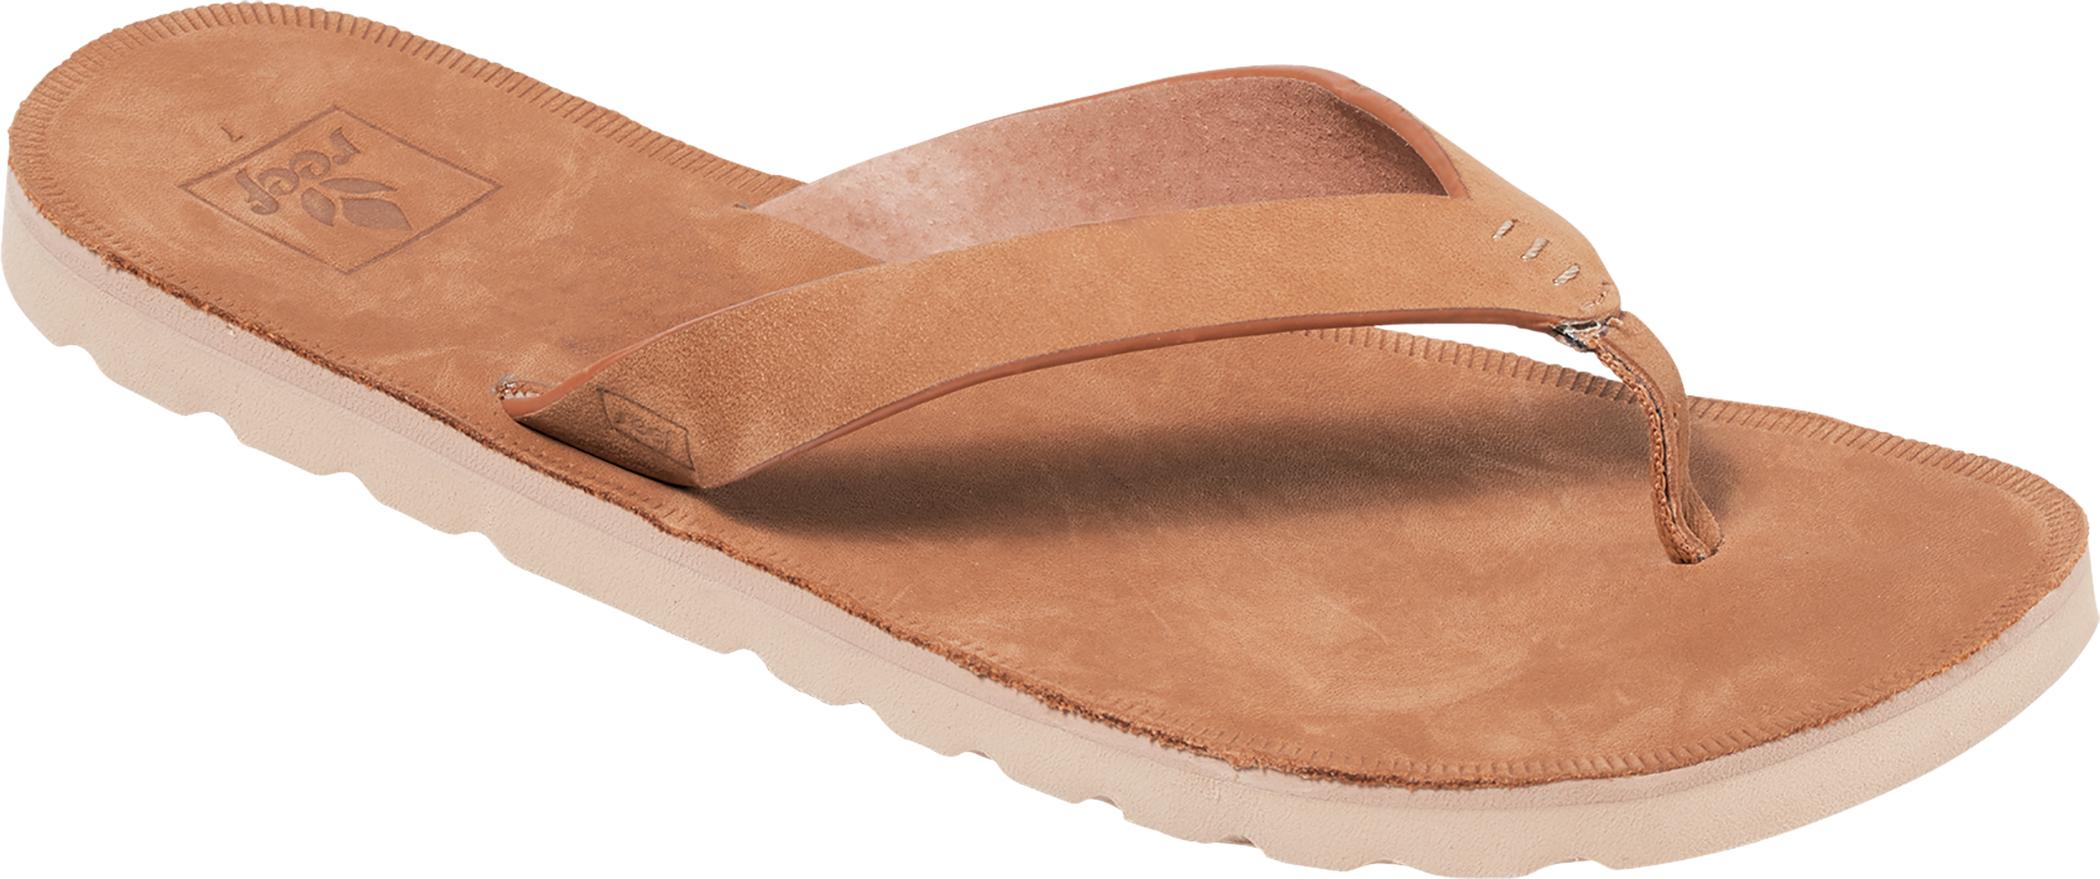 641b3a90ee ... Reef Flip Flop para Mujer de Viaje de Cuero Impermeable cómodo y  durable ...